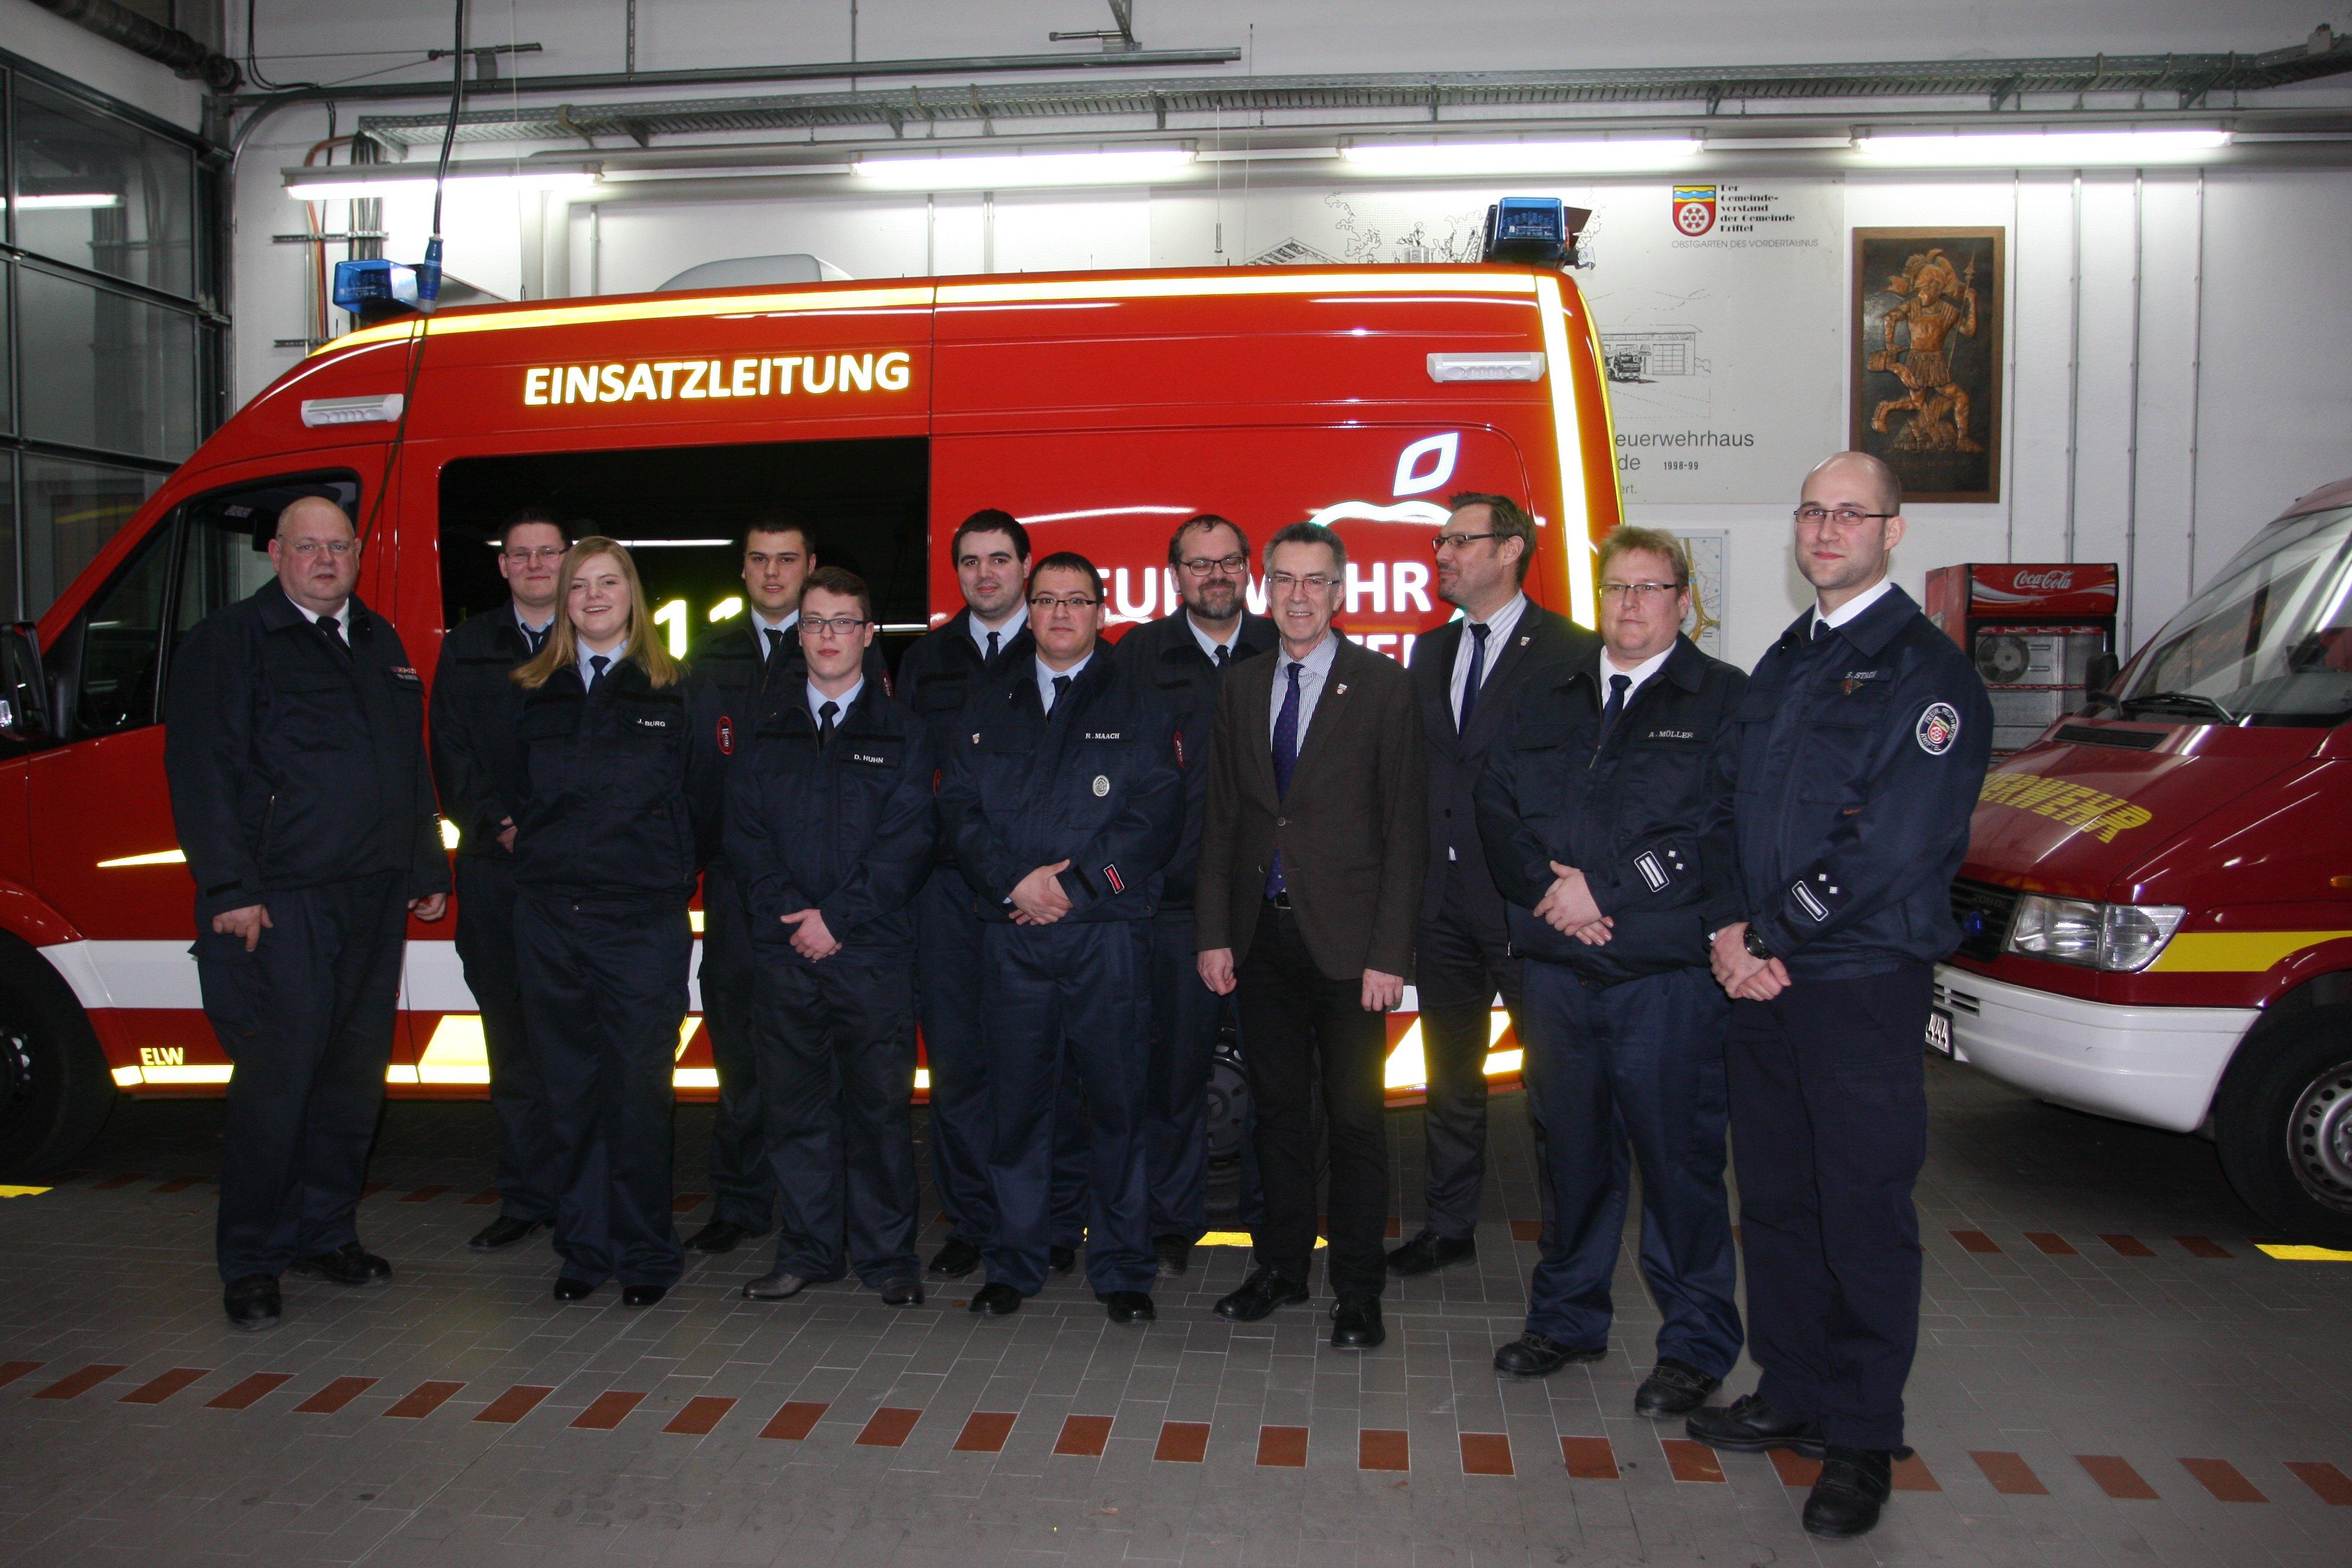 Gruppenbild von der Jahreshauptversammlung vor einem Feuerwehr-Einsatzfahrzeug